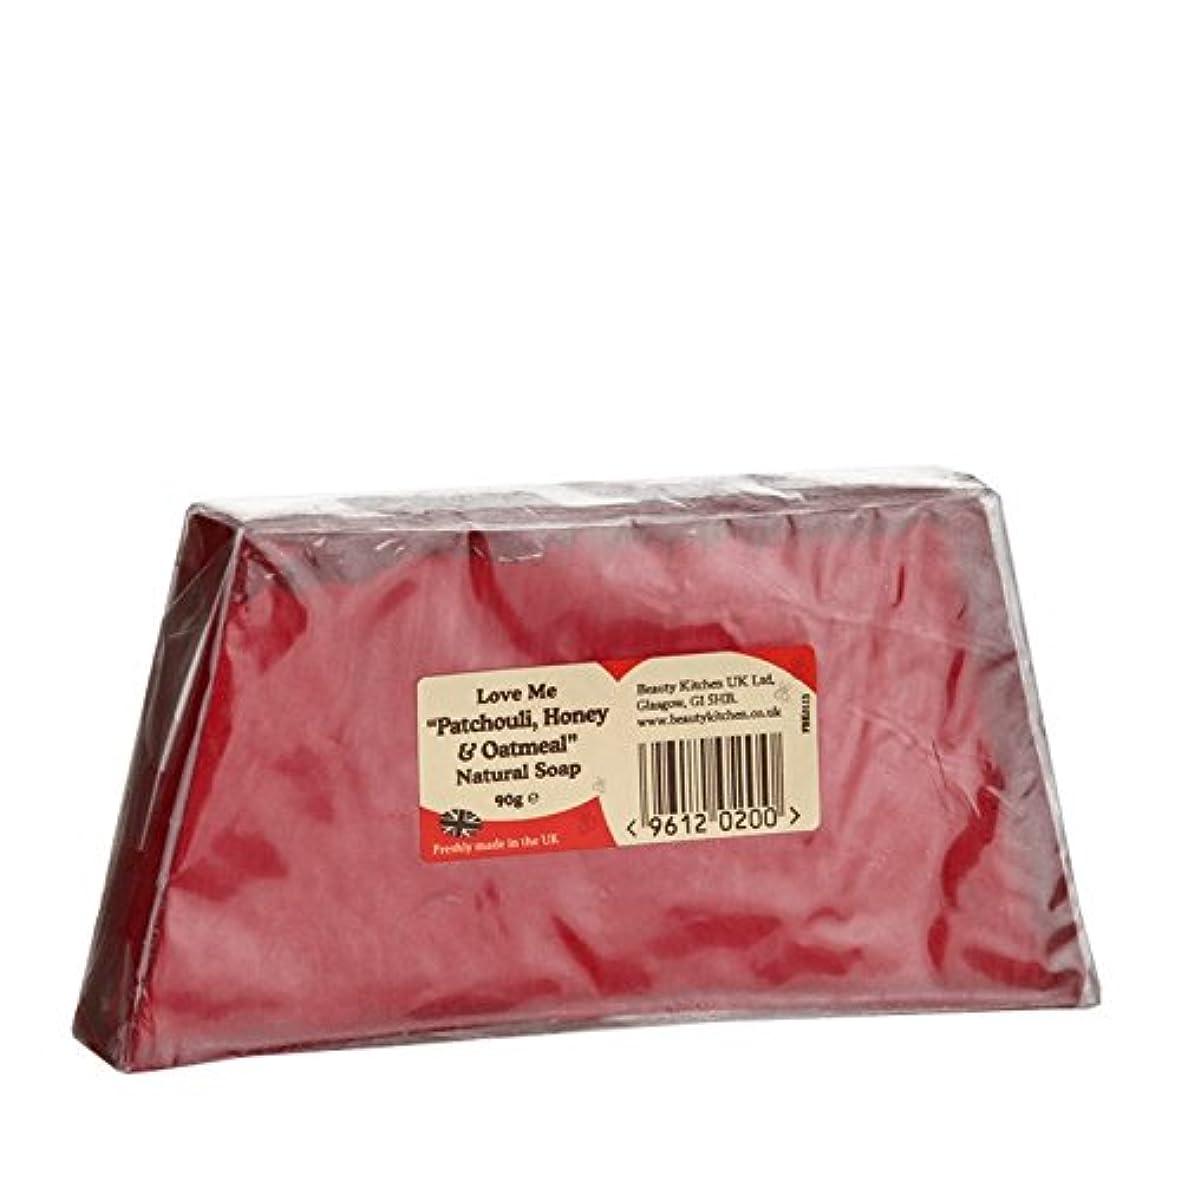 ホラーハント速報Beauty Kitchen Love Me Patchouli, Honey & Oatmeal Natural Soap 90g (Pack of 2) - 美しさのキッチンは私にパチョリ、ハニー&オートミール、天然石鹸...